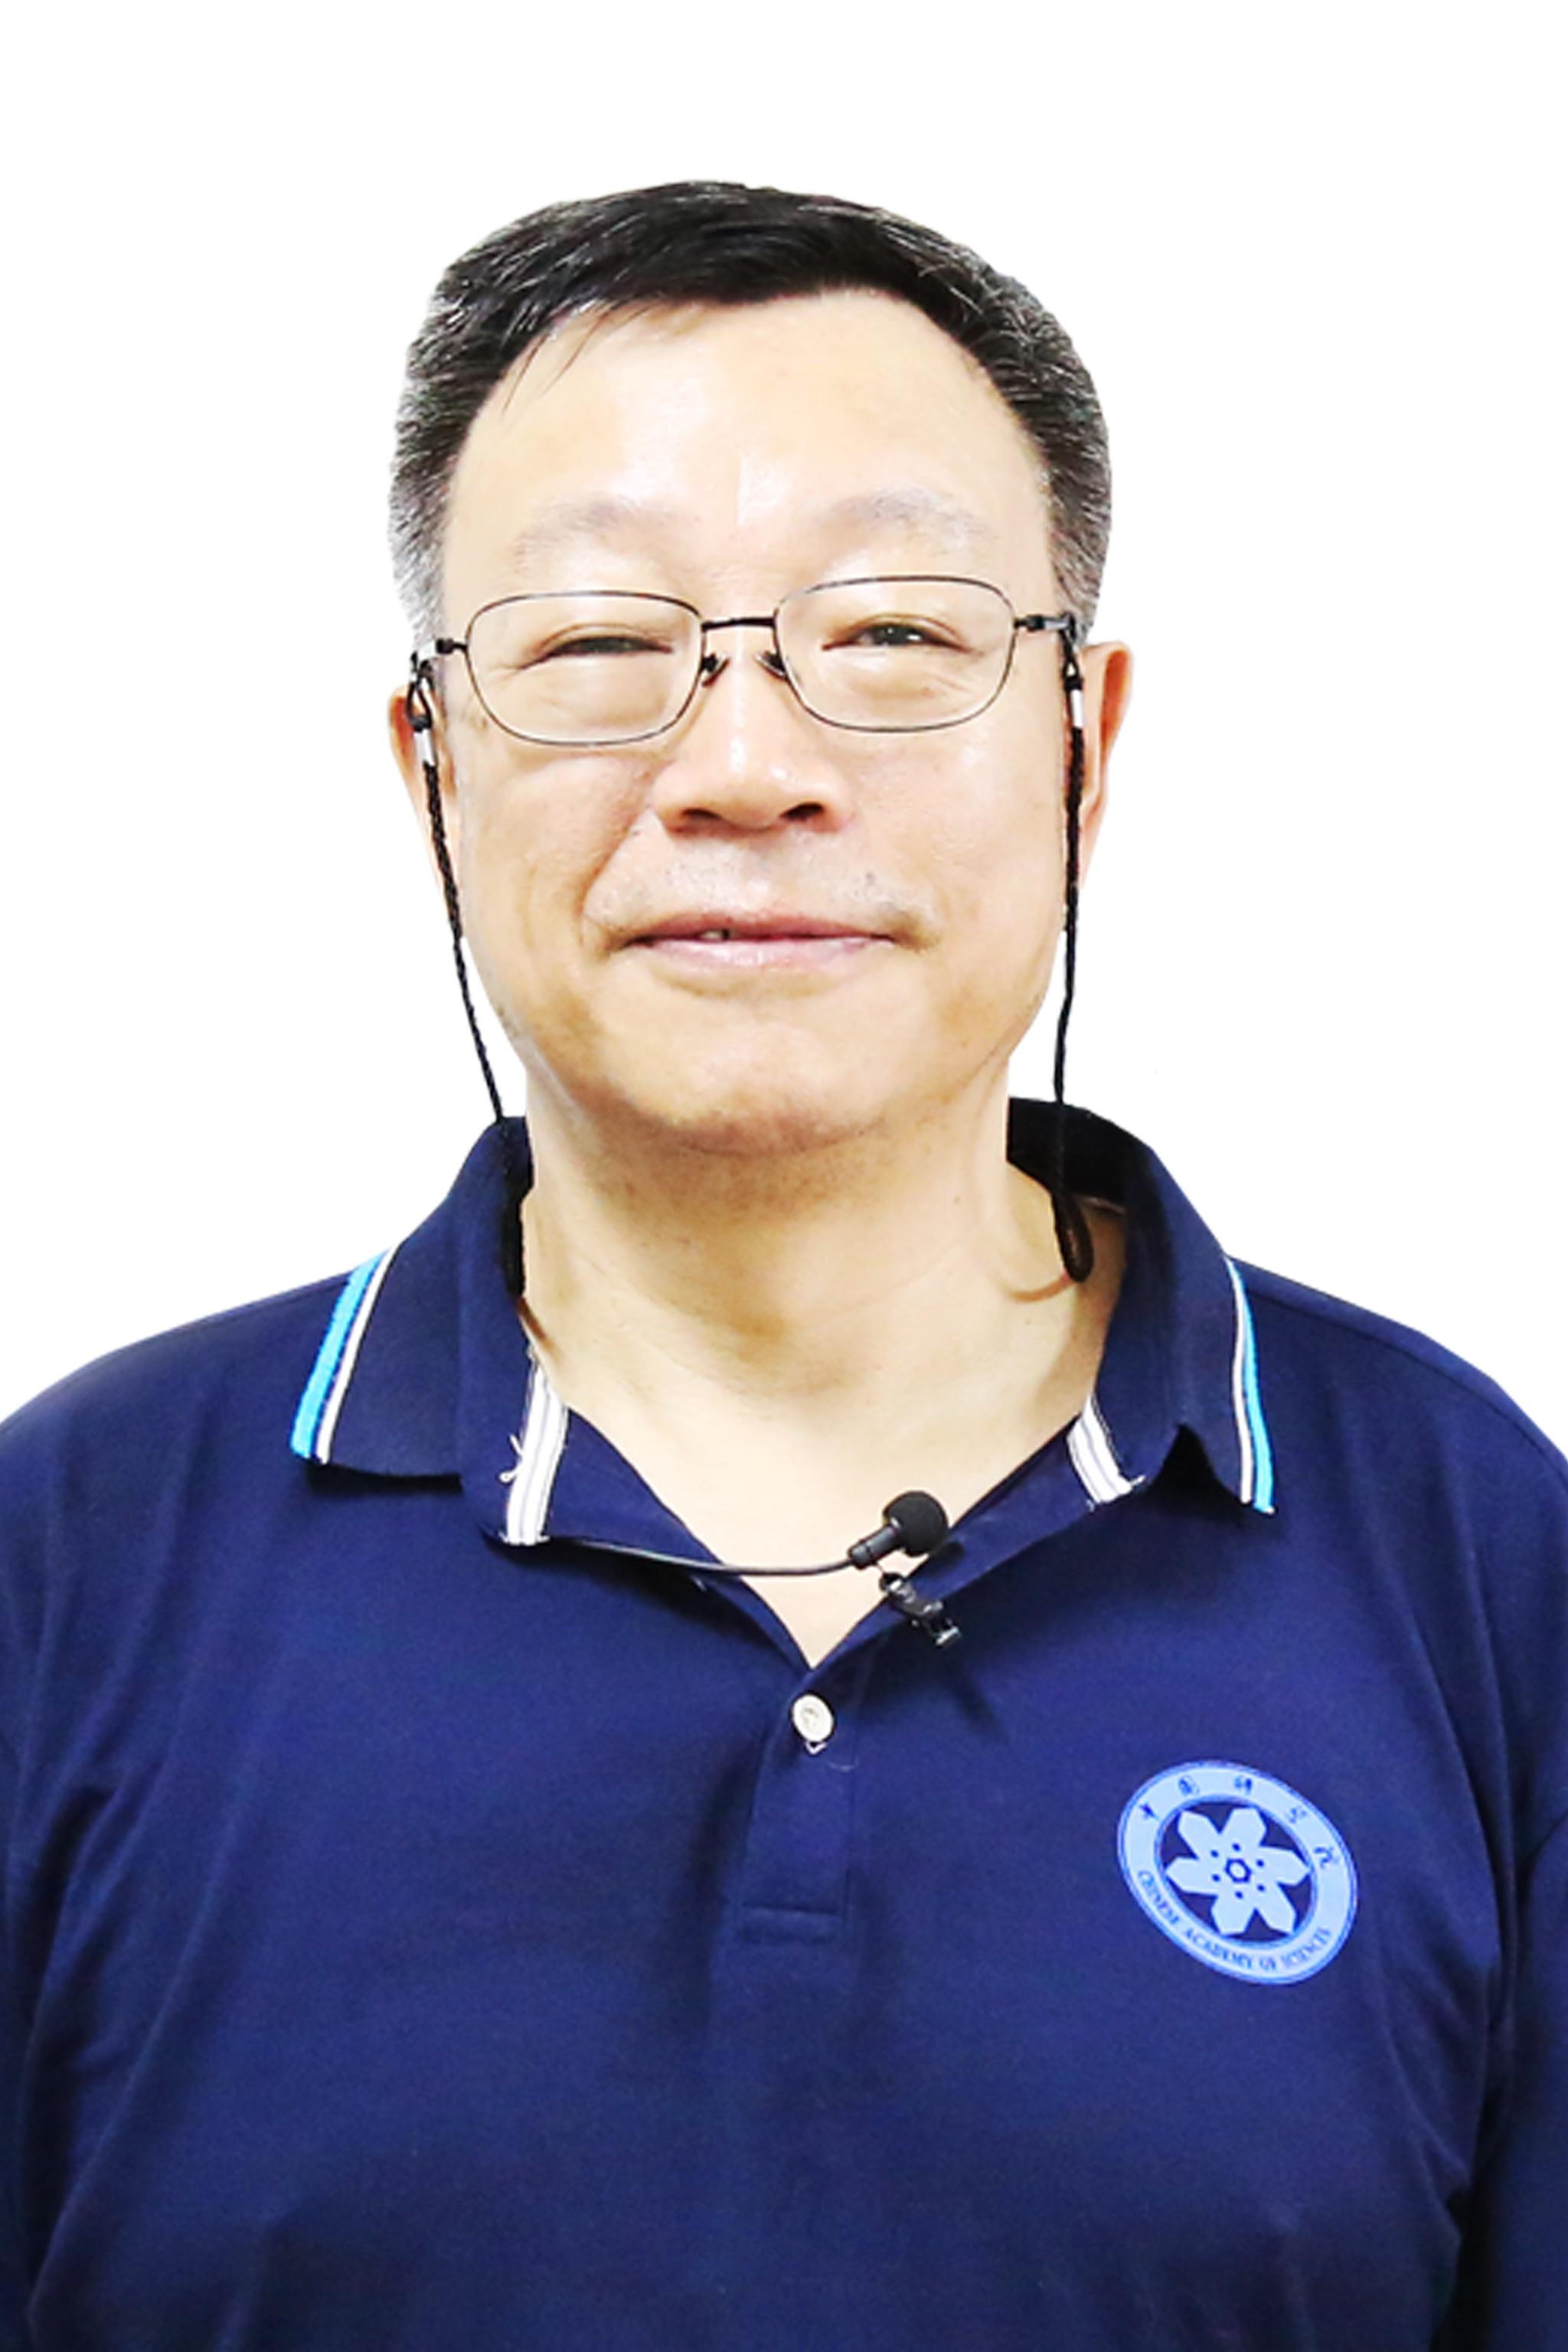 张双南 中国科学院粒子天体物理重点实验室主任 科学队长特邀专家